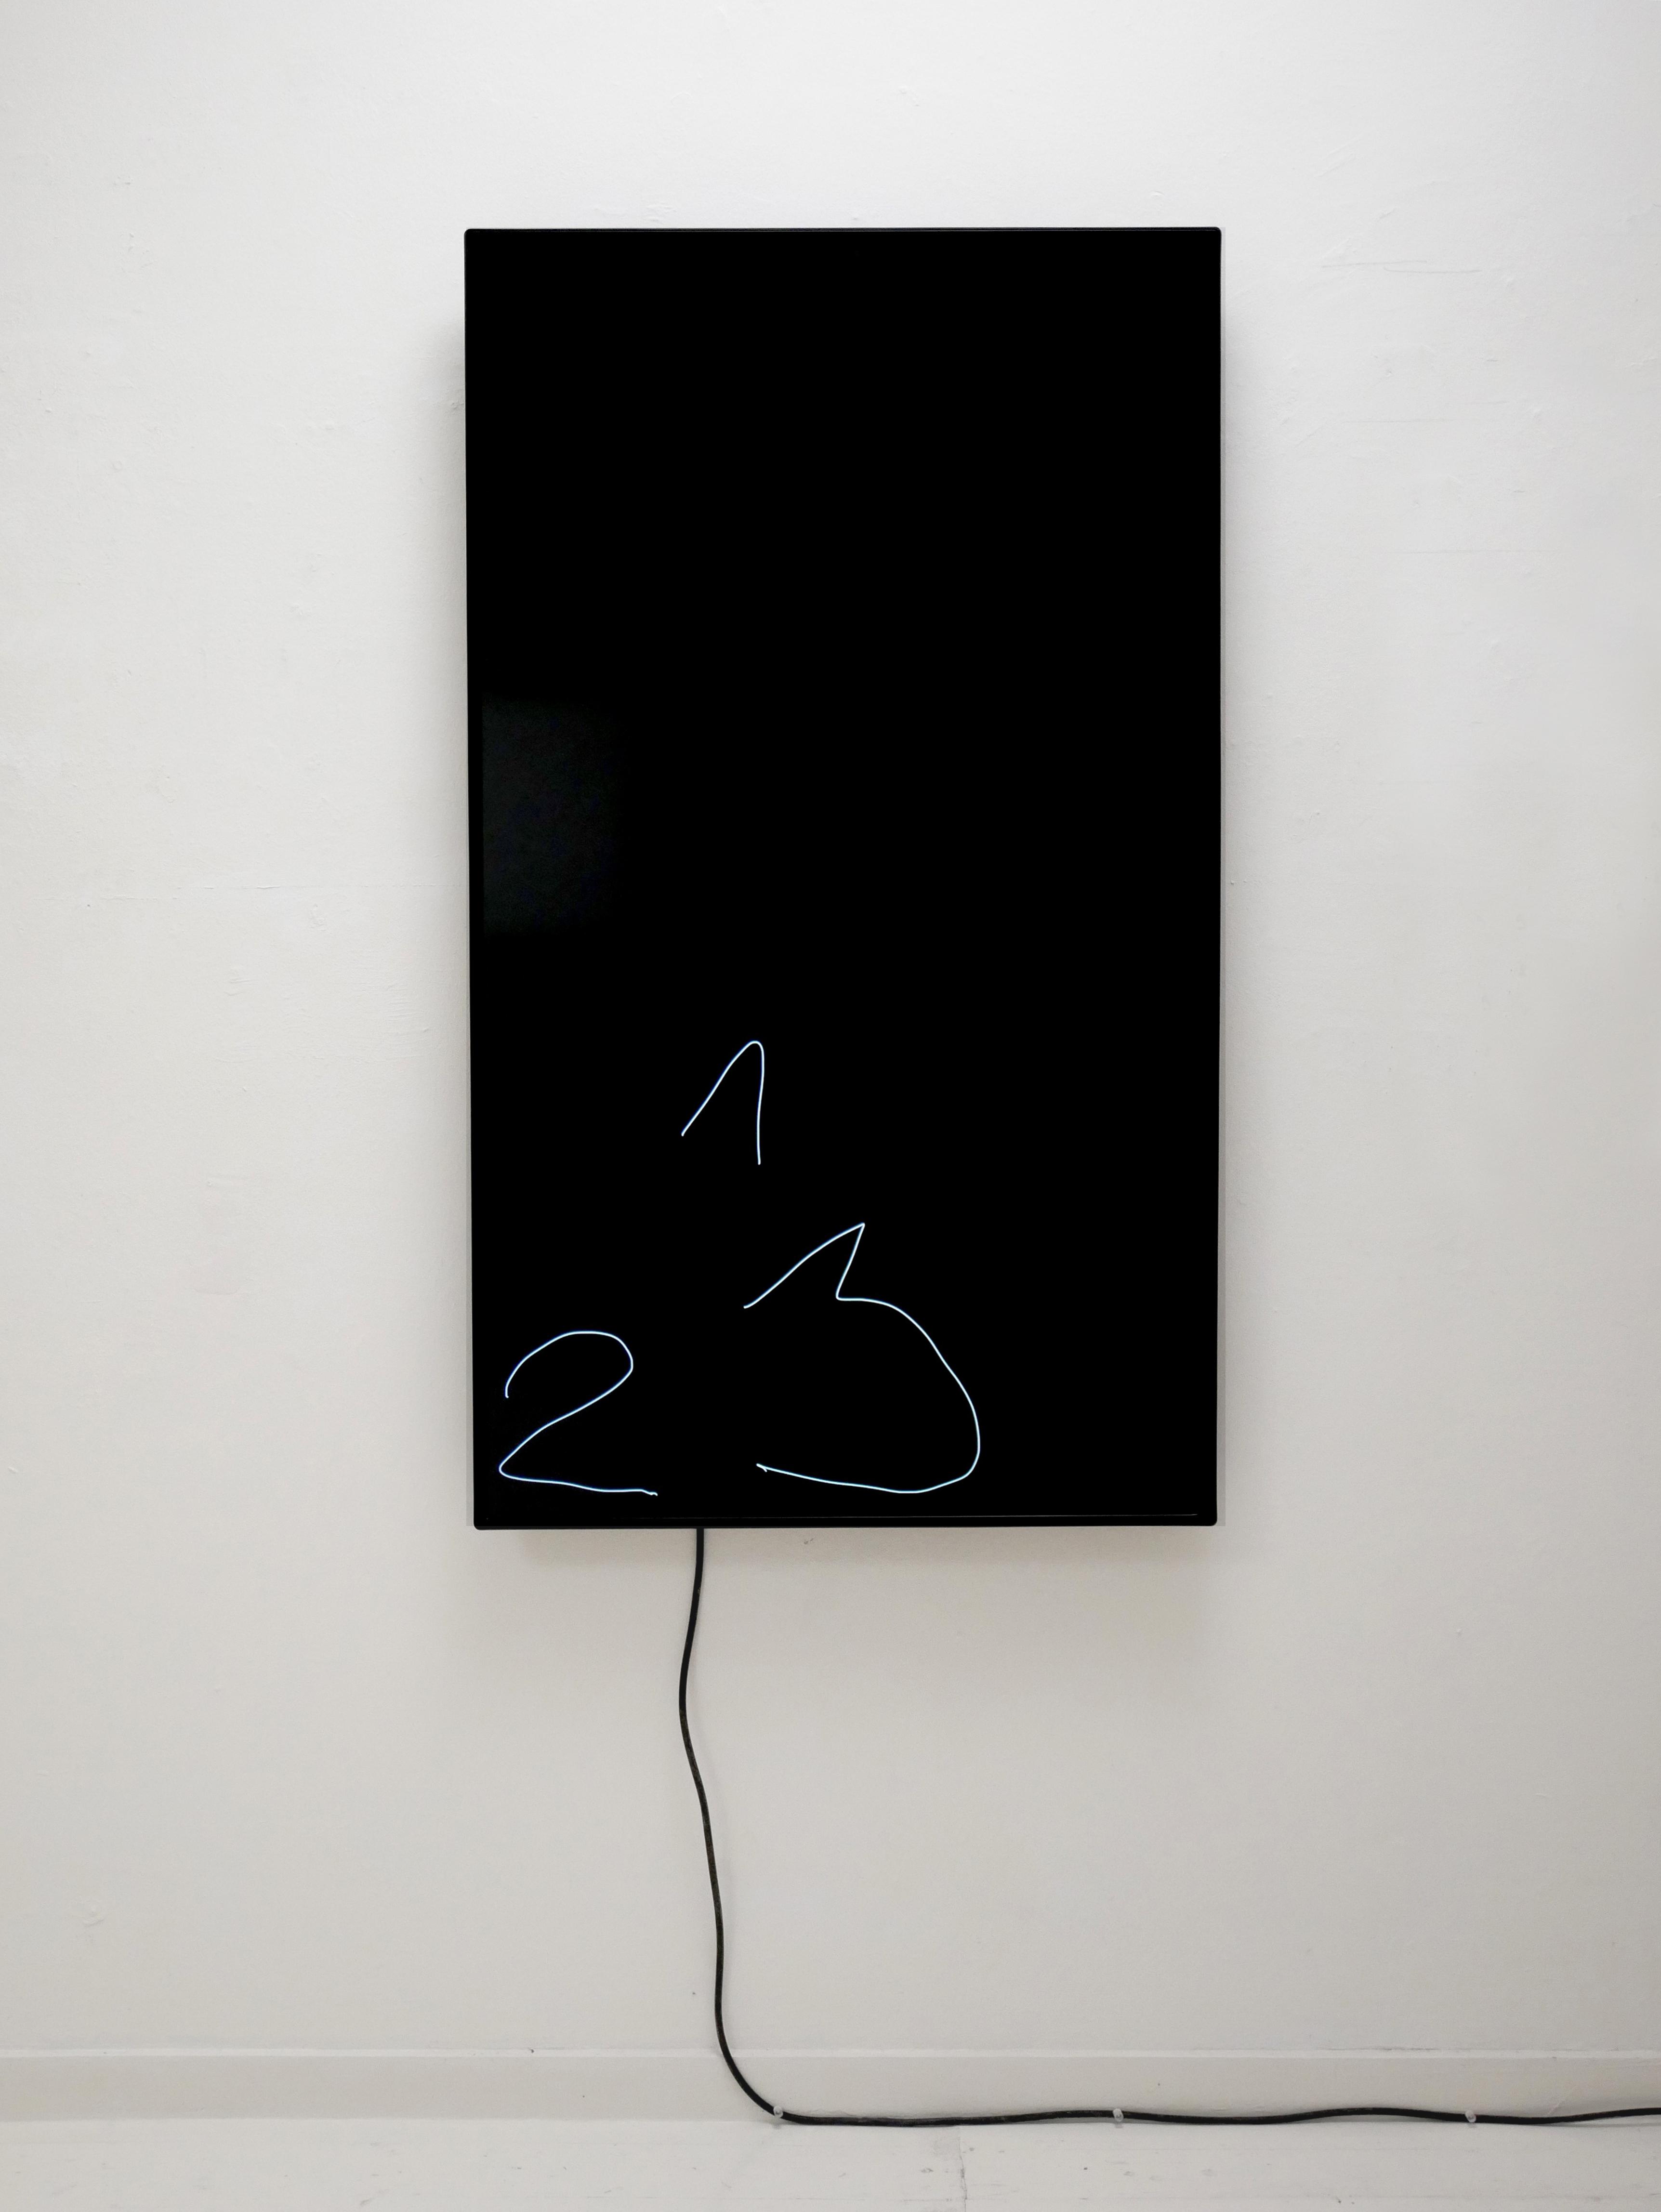 1,2,3 Oleksiy Koval Reutengalerie, Amsterdam